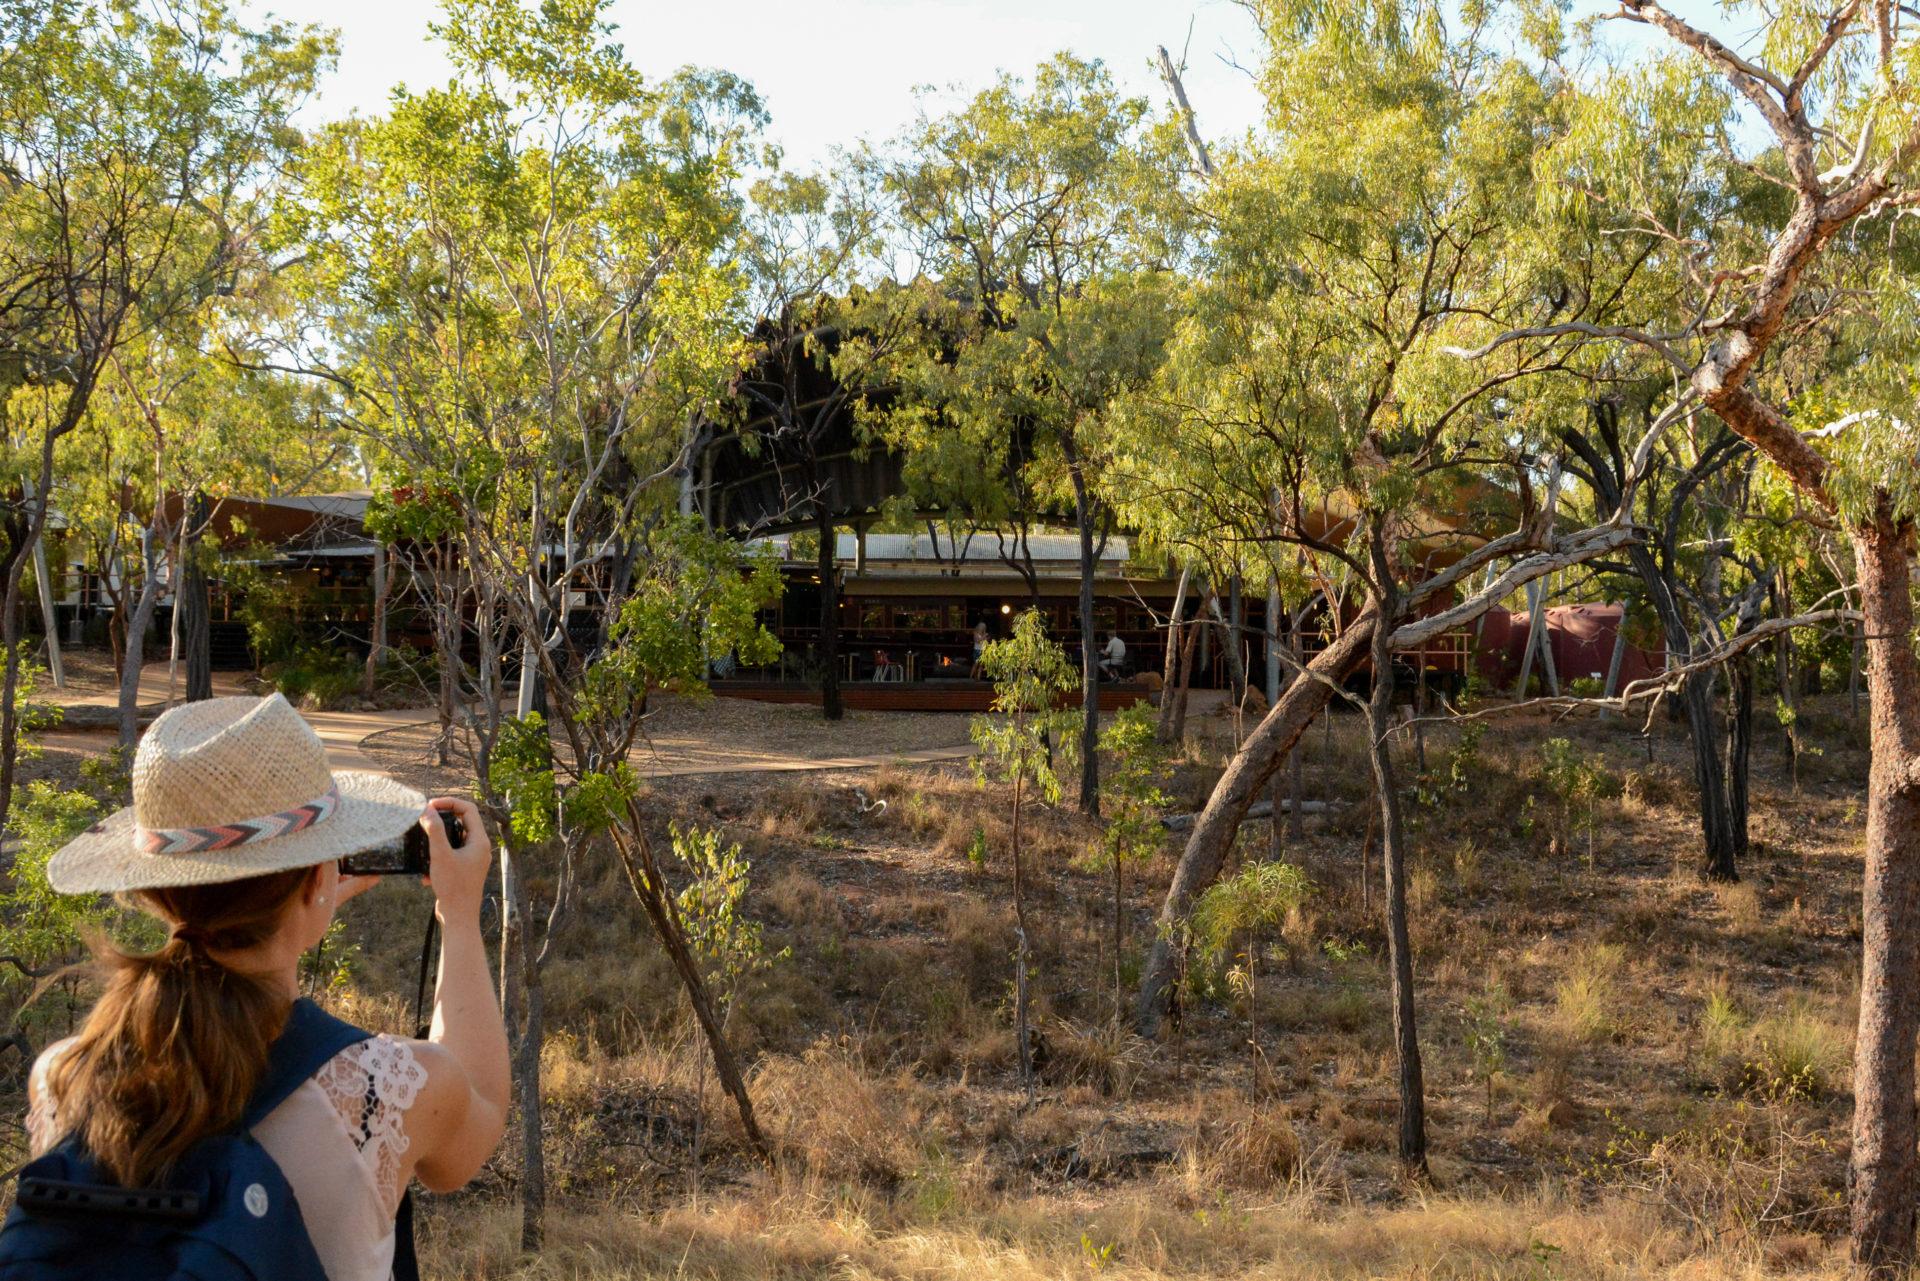 Frau mit Hut fotogragiert Eisenbahnwagon der Undara Experience während Road Trip durch Queensland